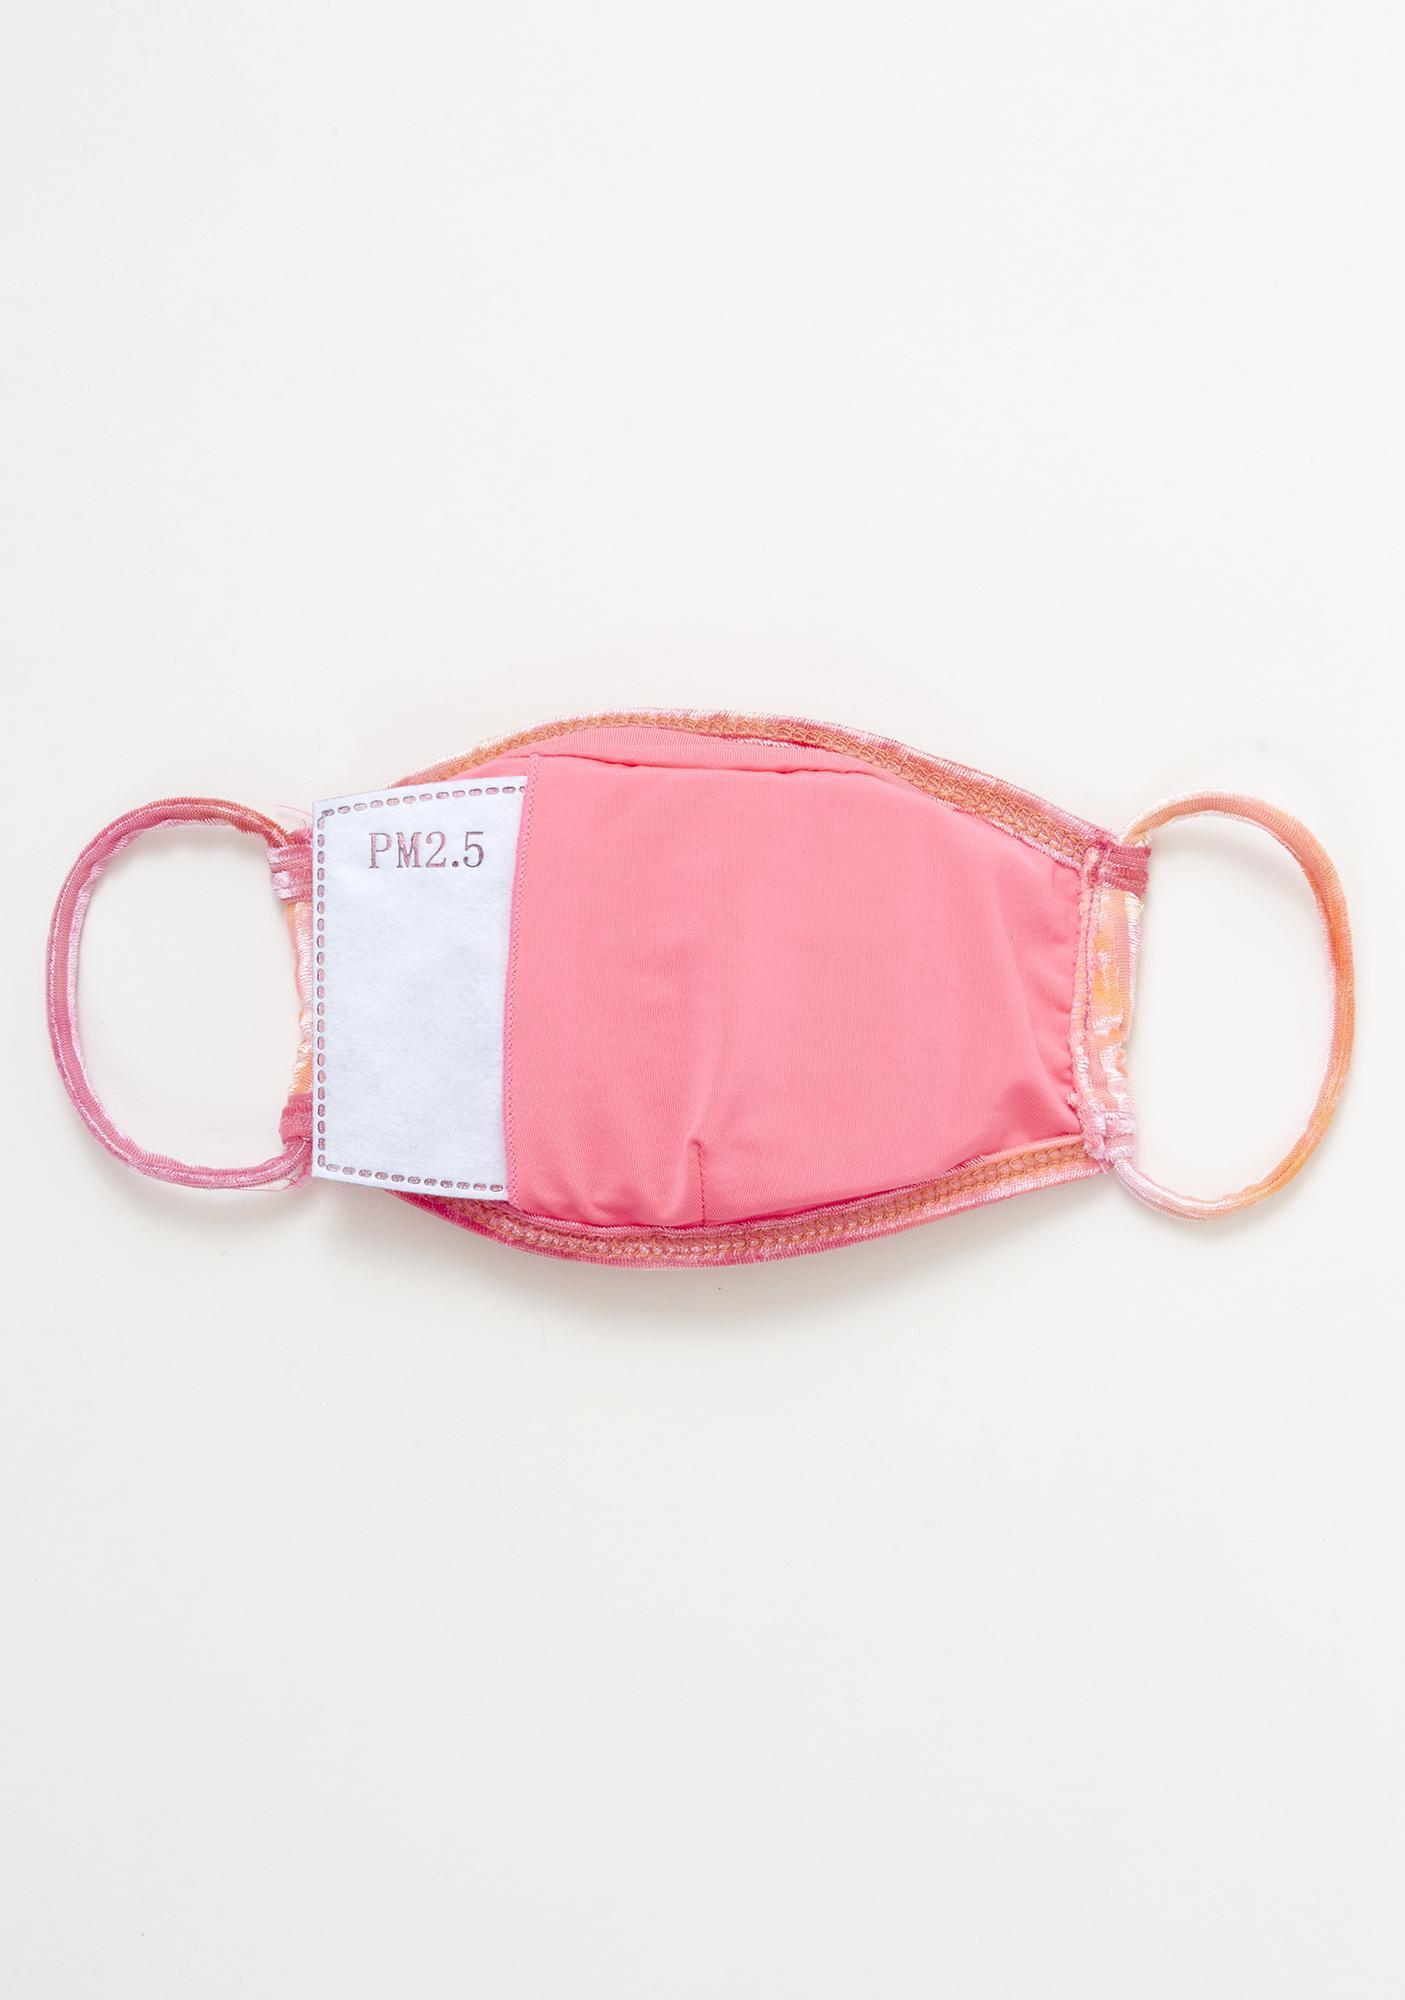 Dippin' Daisy's Burn Tie Dye Velvet Face Mask